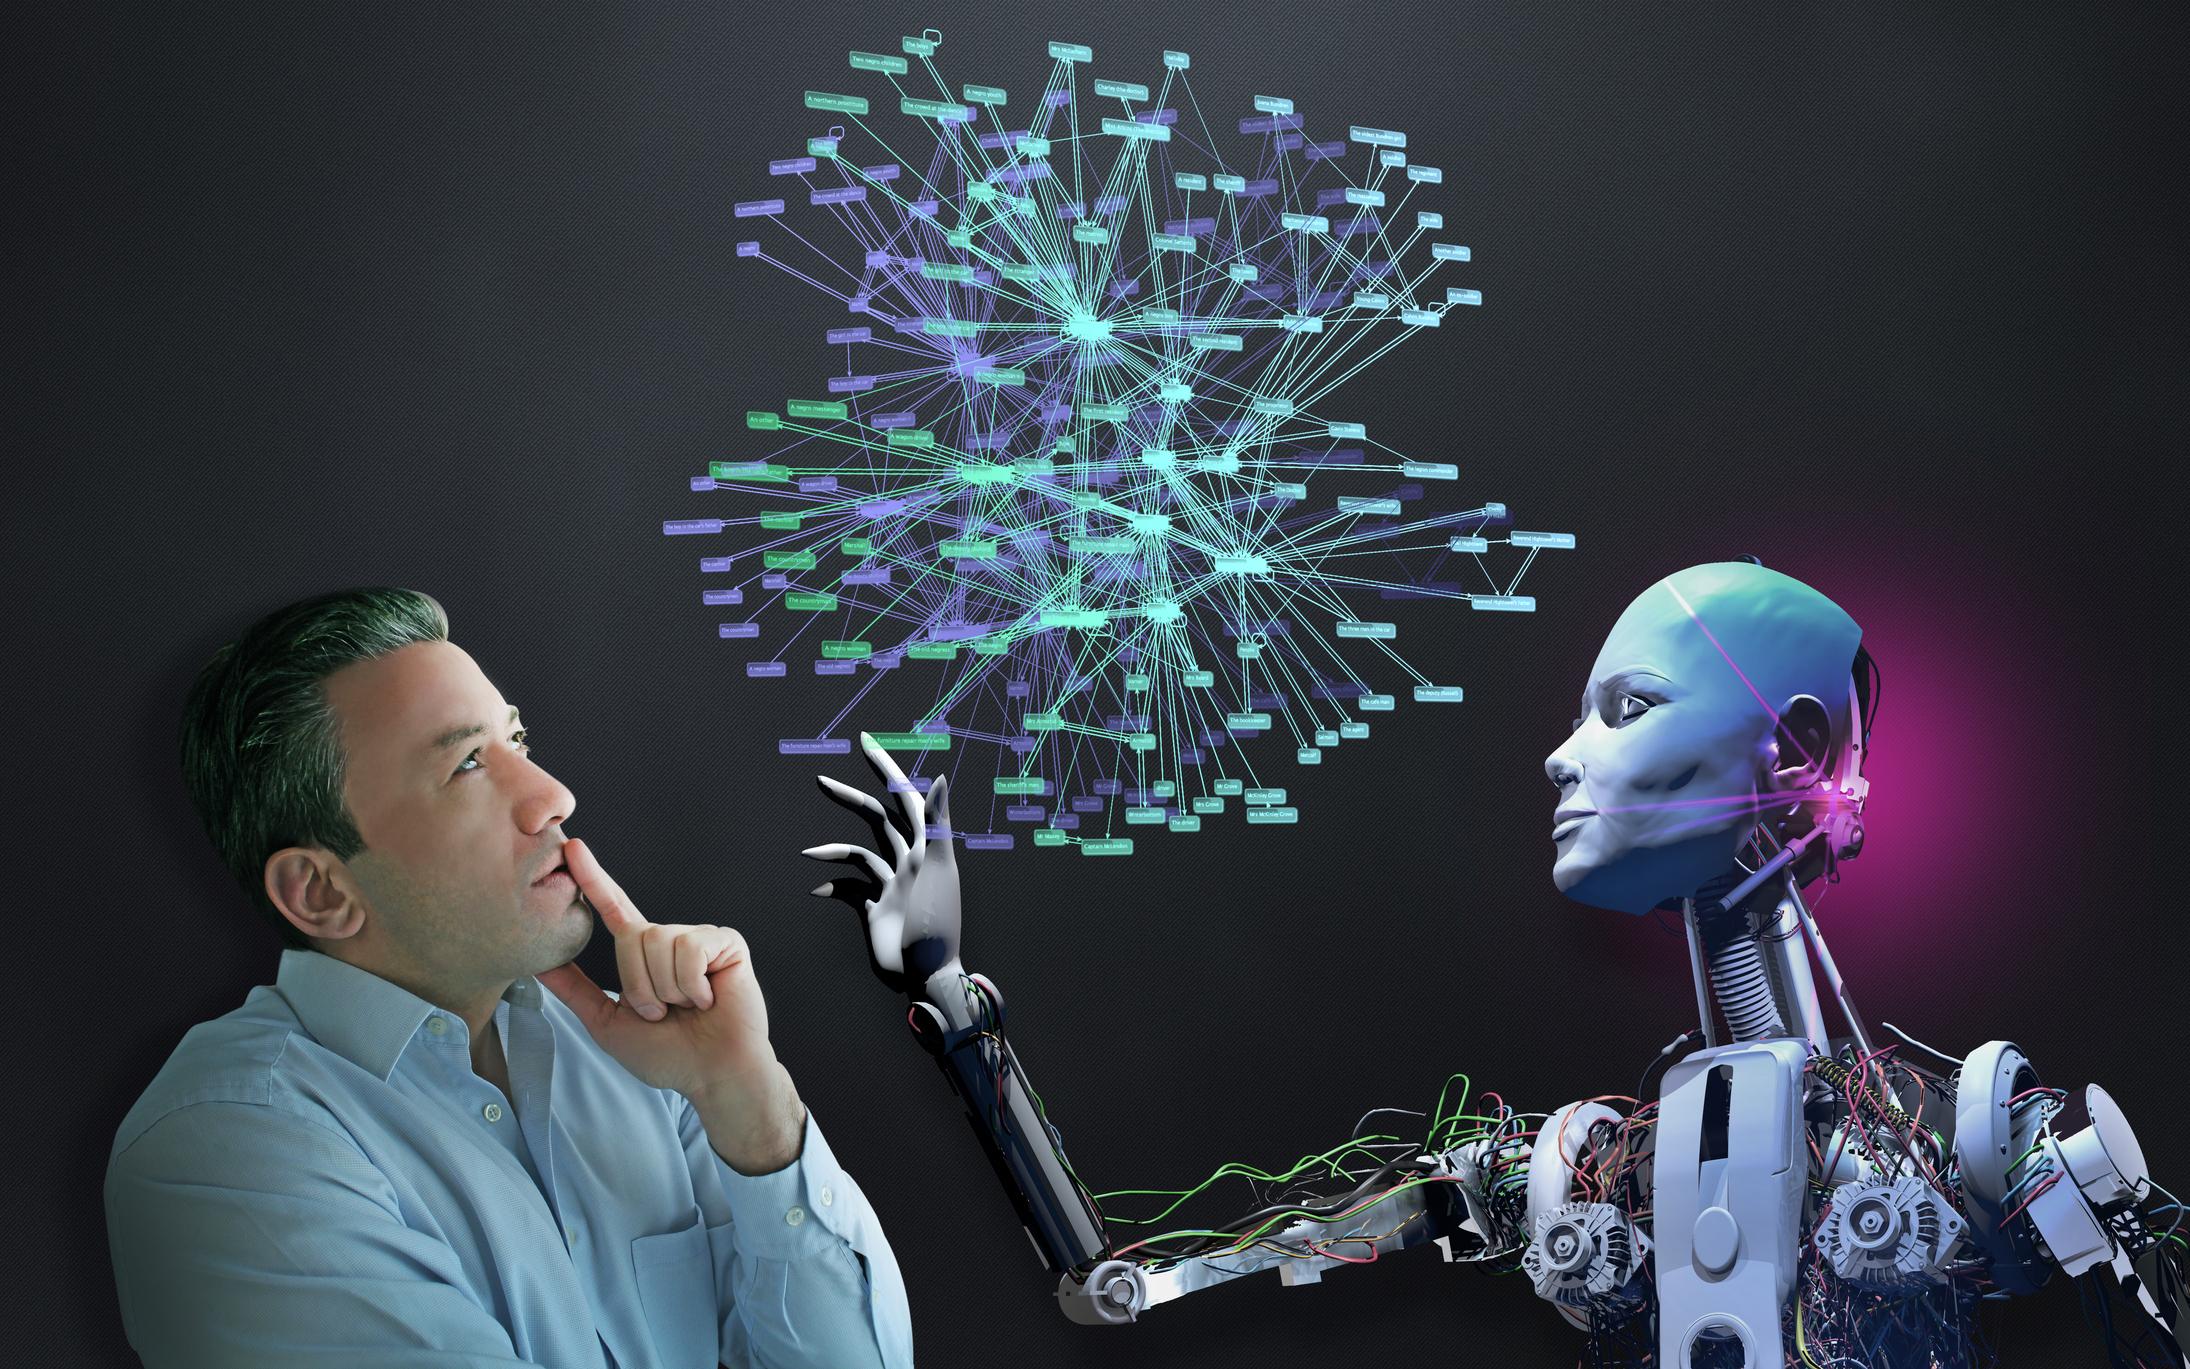 Бизнес не верит в искусственный интеллект